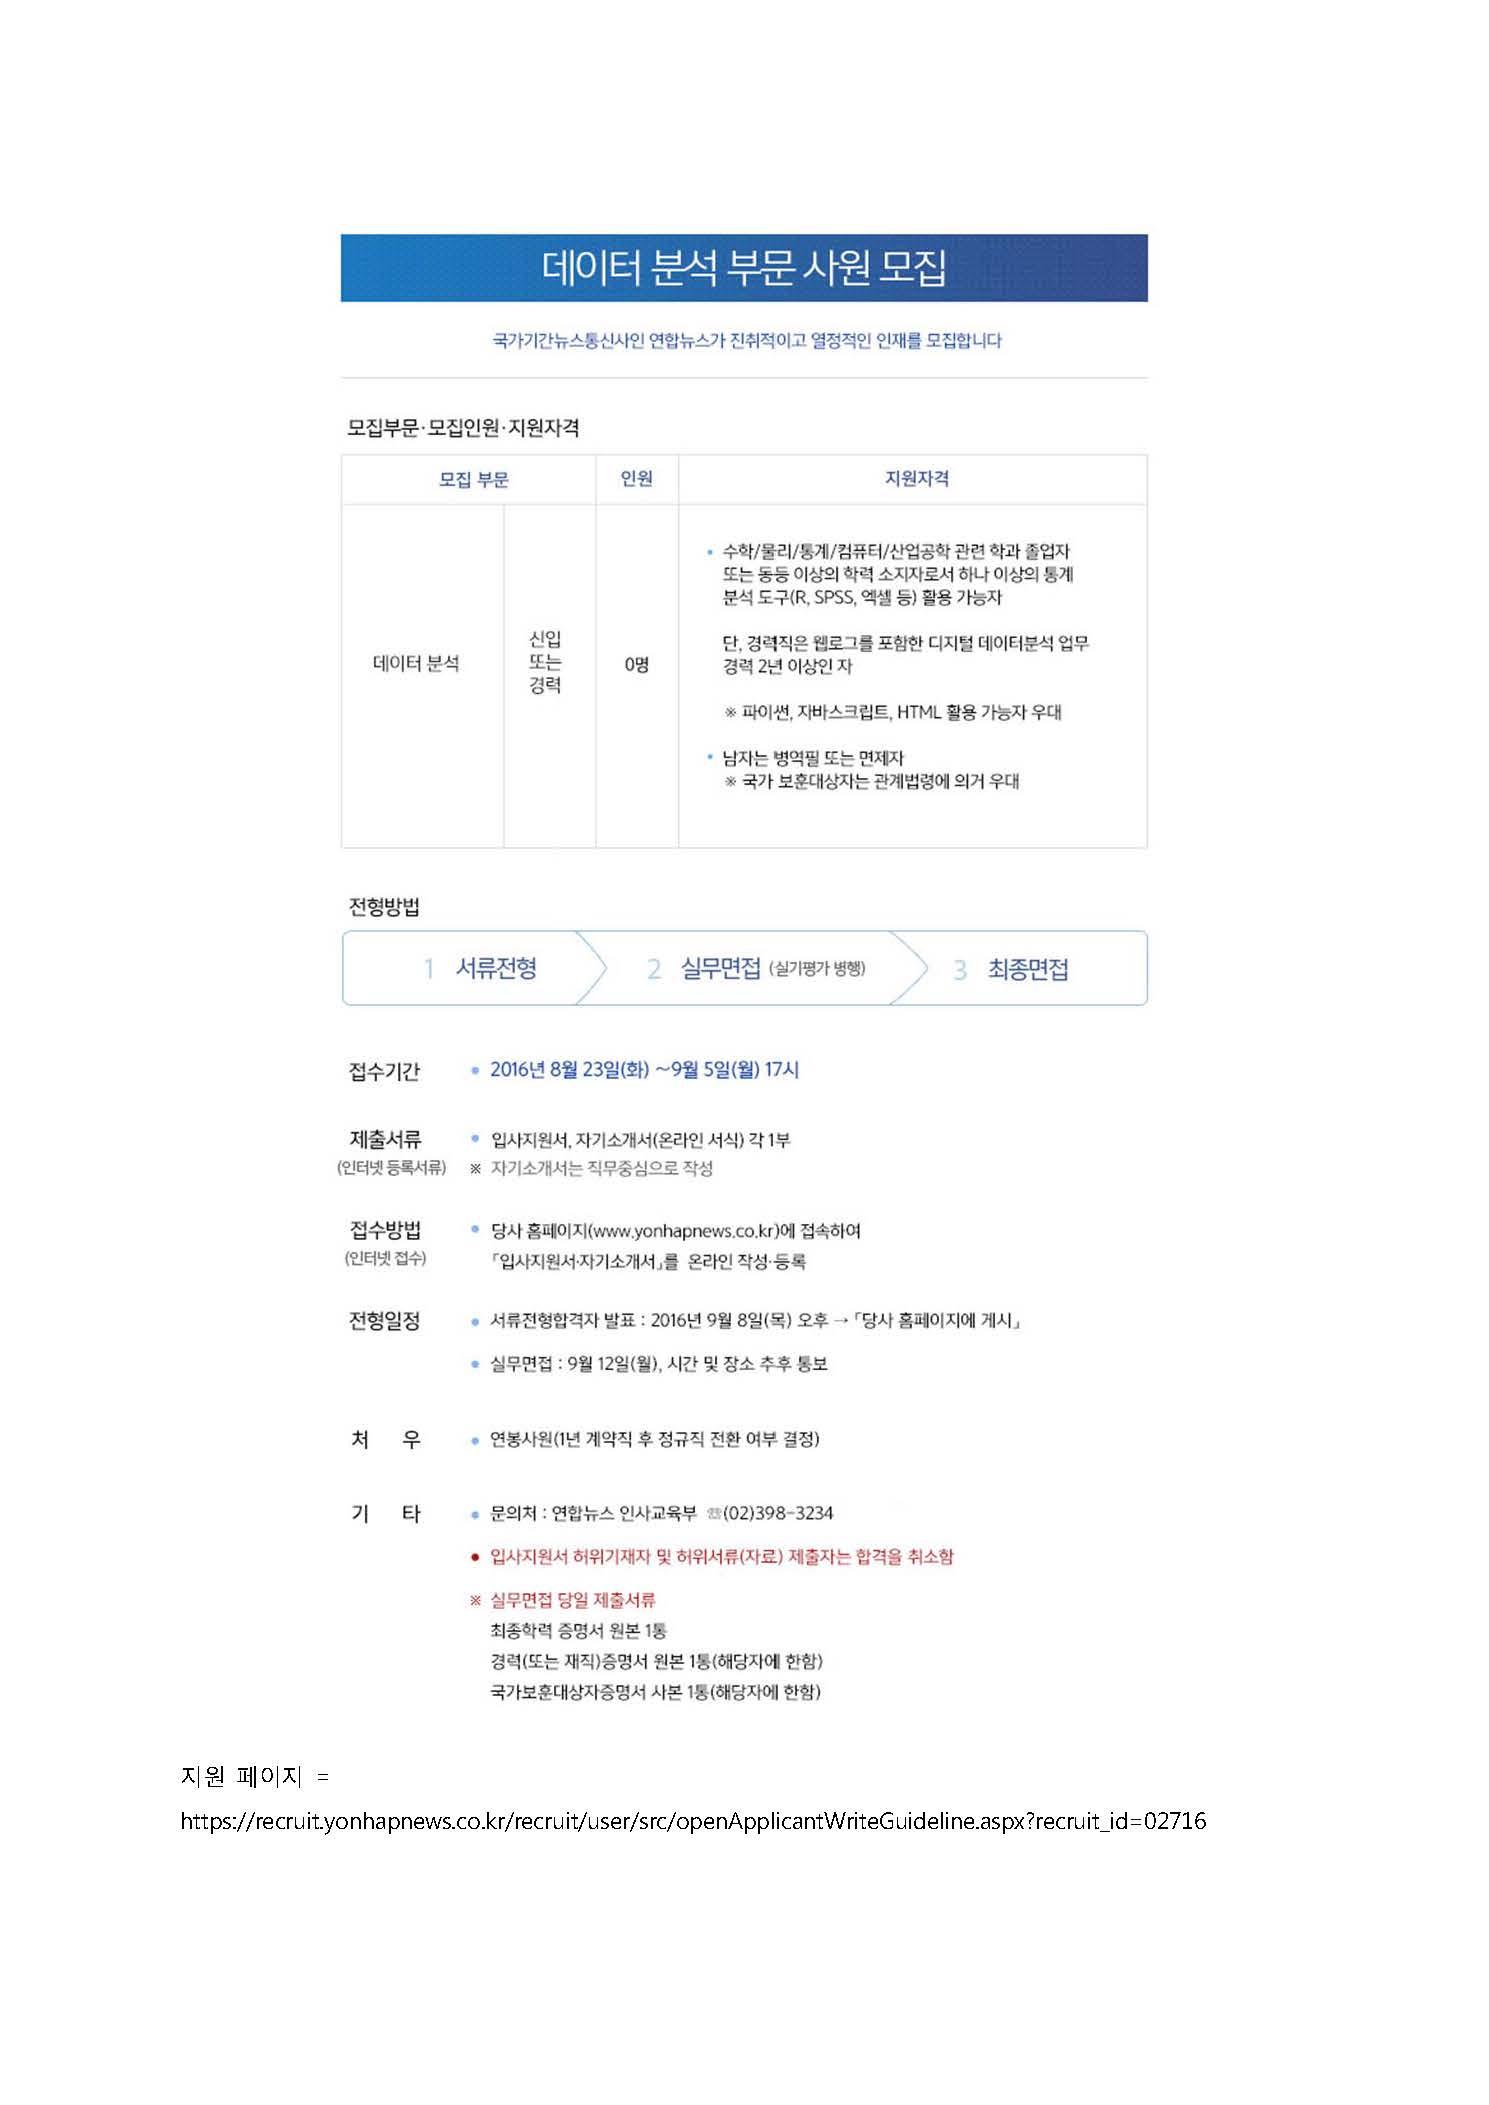 연합뉴스_데이터분석사%.jpg